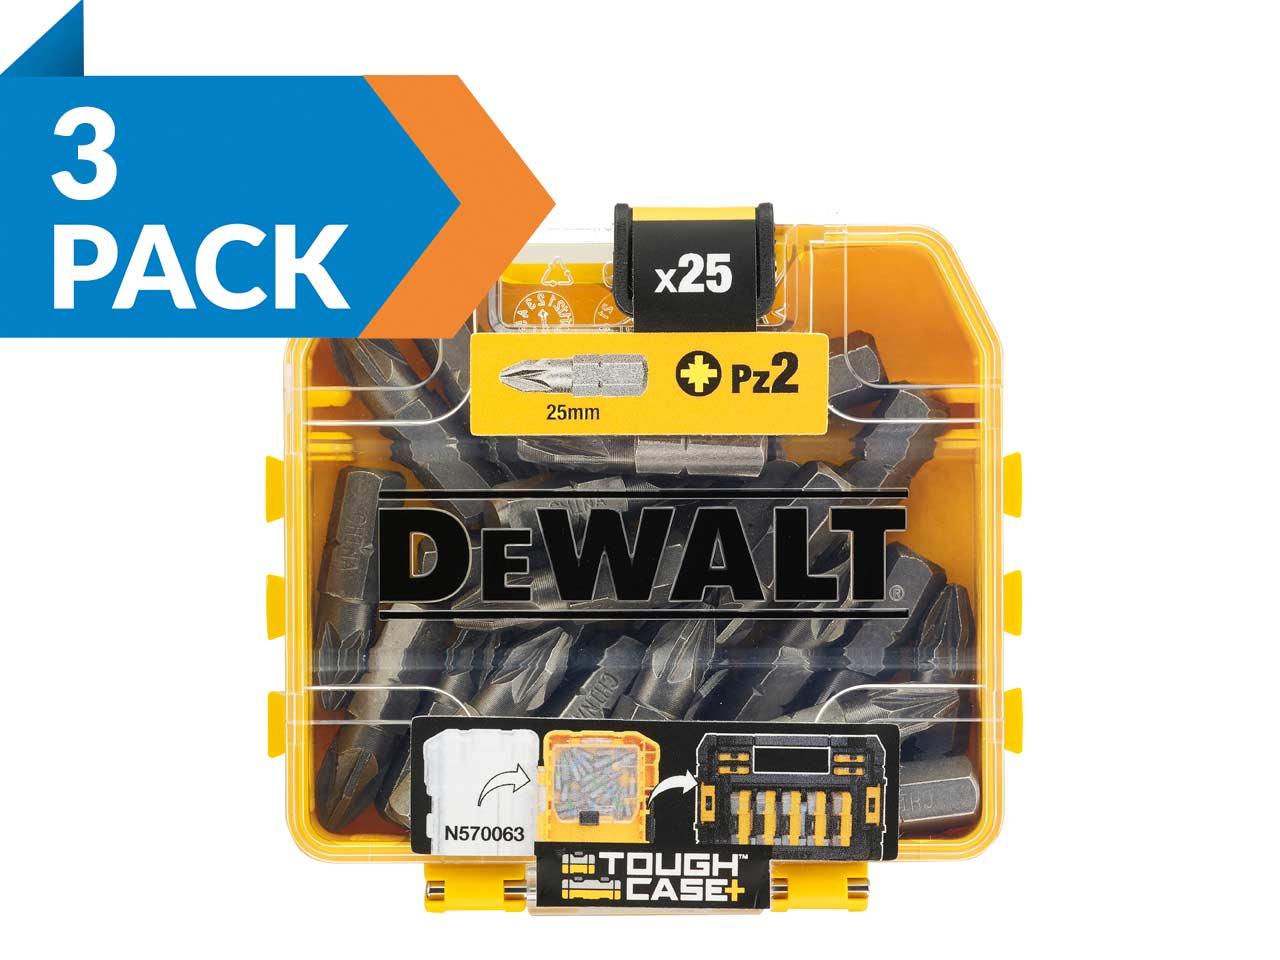 Dewalt_DT71521x3v2.jpg